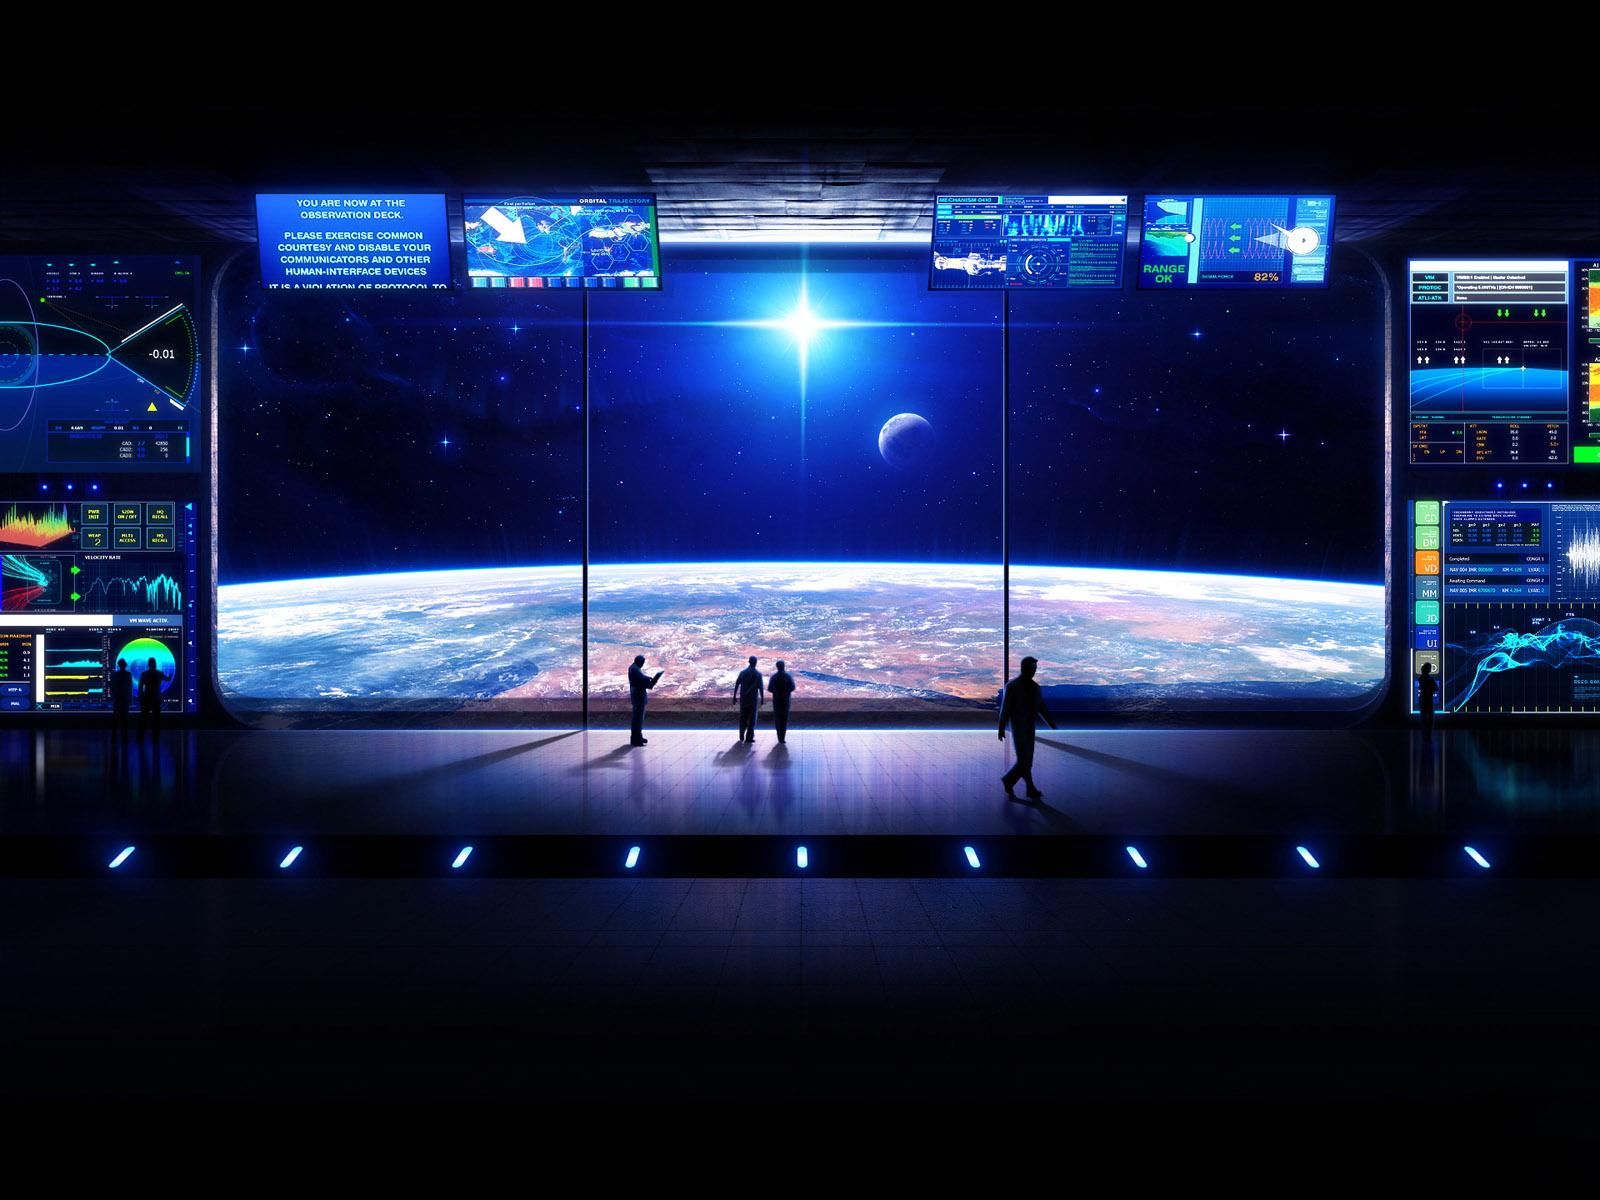 http://2.bp.blogspot.com/-iKOQY9B22mw/T-nTSBvIKTI/AAAAAAAAA1I/s1onMxrOcXA/s1600/FreeGreatPicture.com-27661-hd-technology-material.jpg